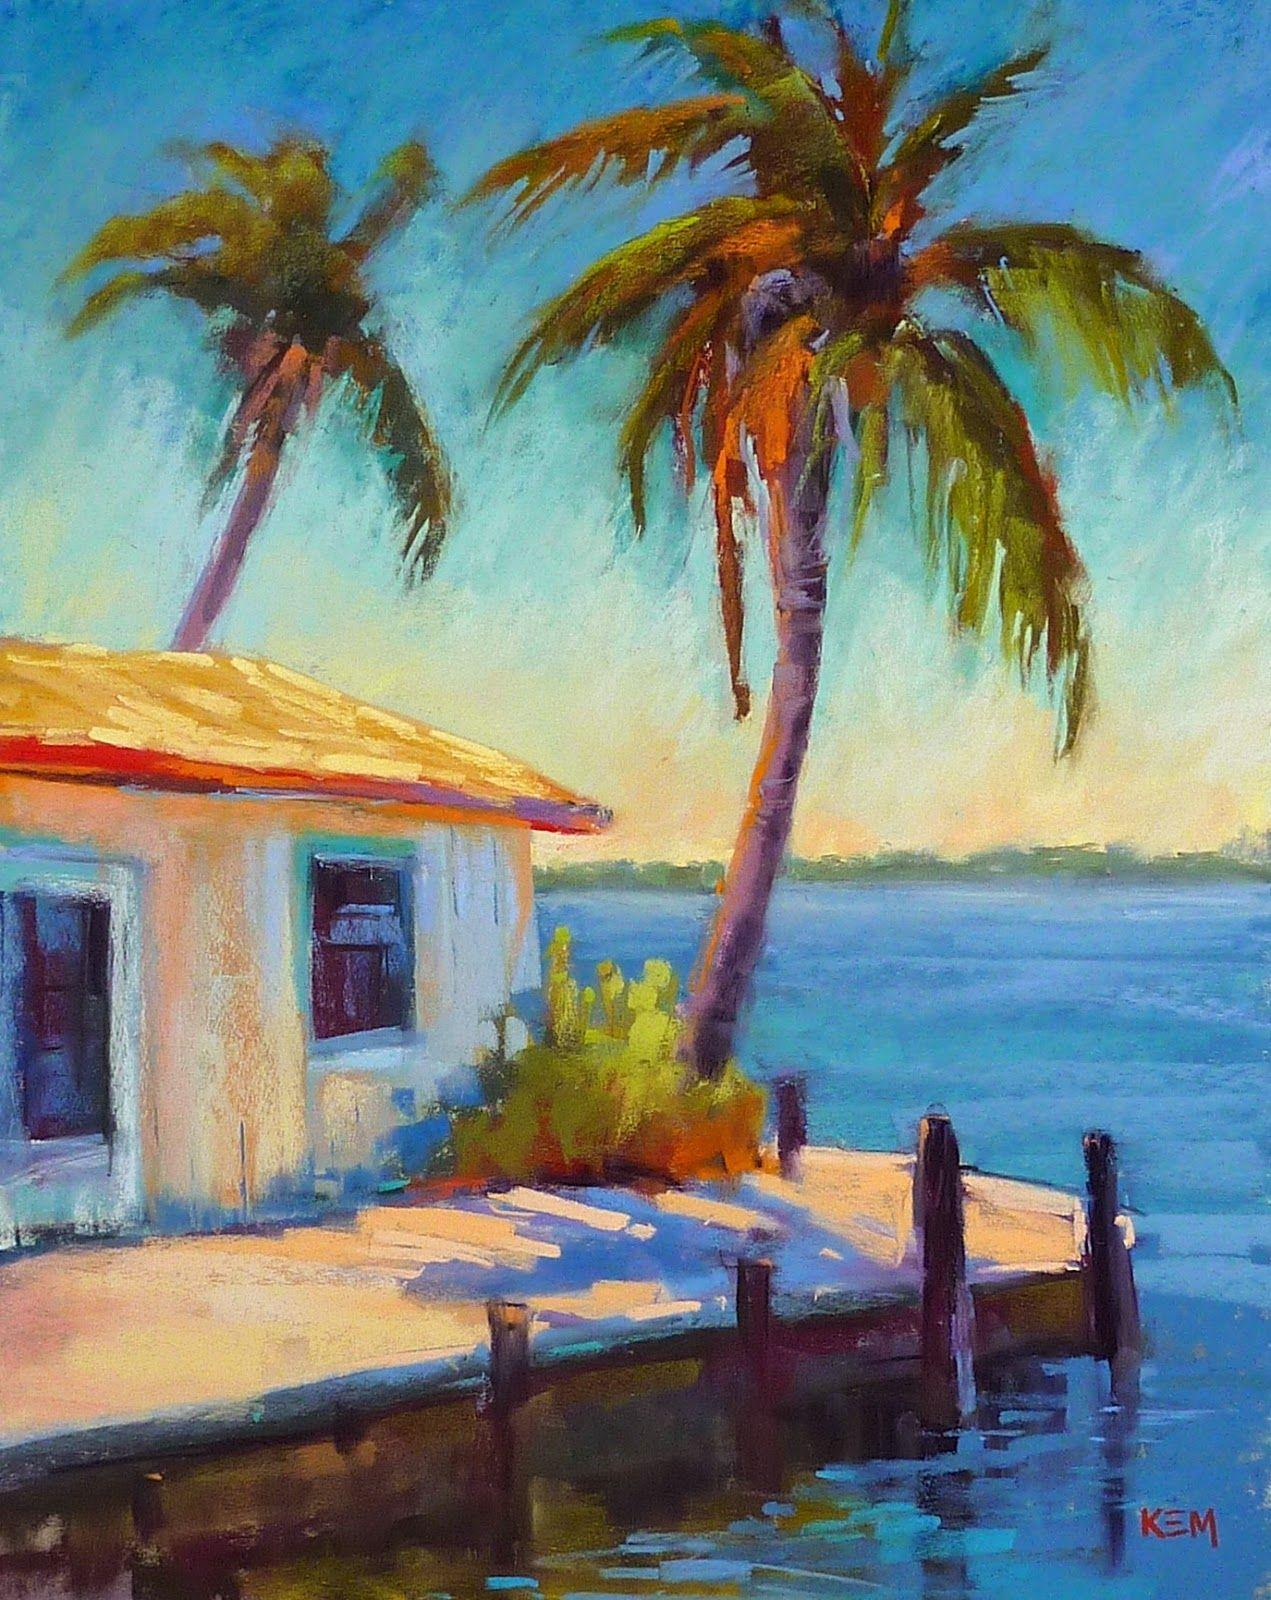 Karen Margulis Old Florida Fishing Shack Florida Art Art Painting Pastel Painting